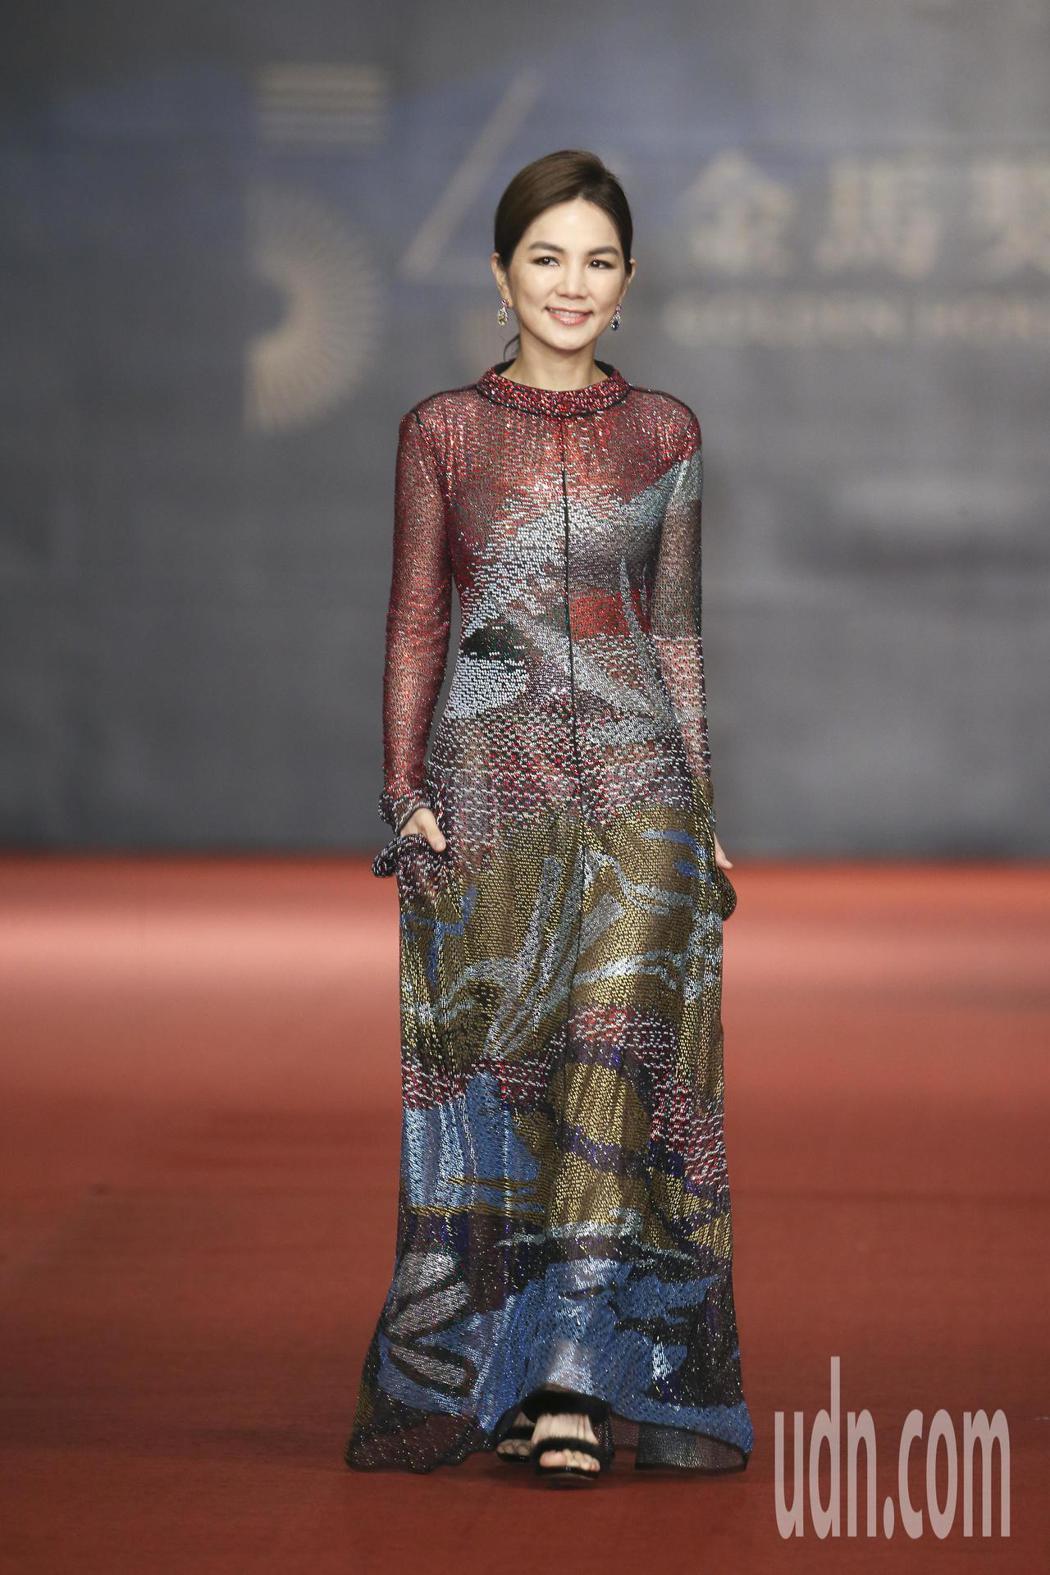 第五十四屆金馬獎頒獎嘉賓Ella 陳嘉樺走紅毯。記者陳立凱/攝影